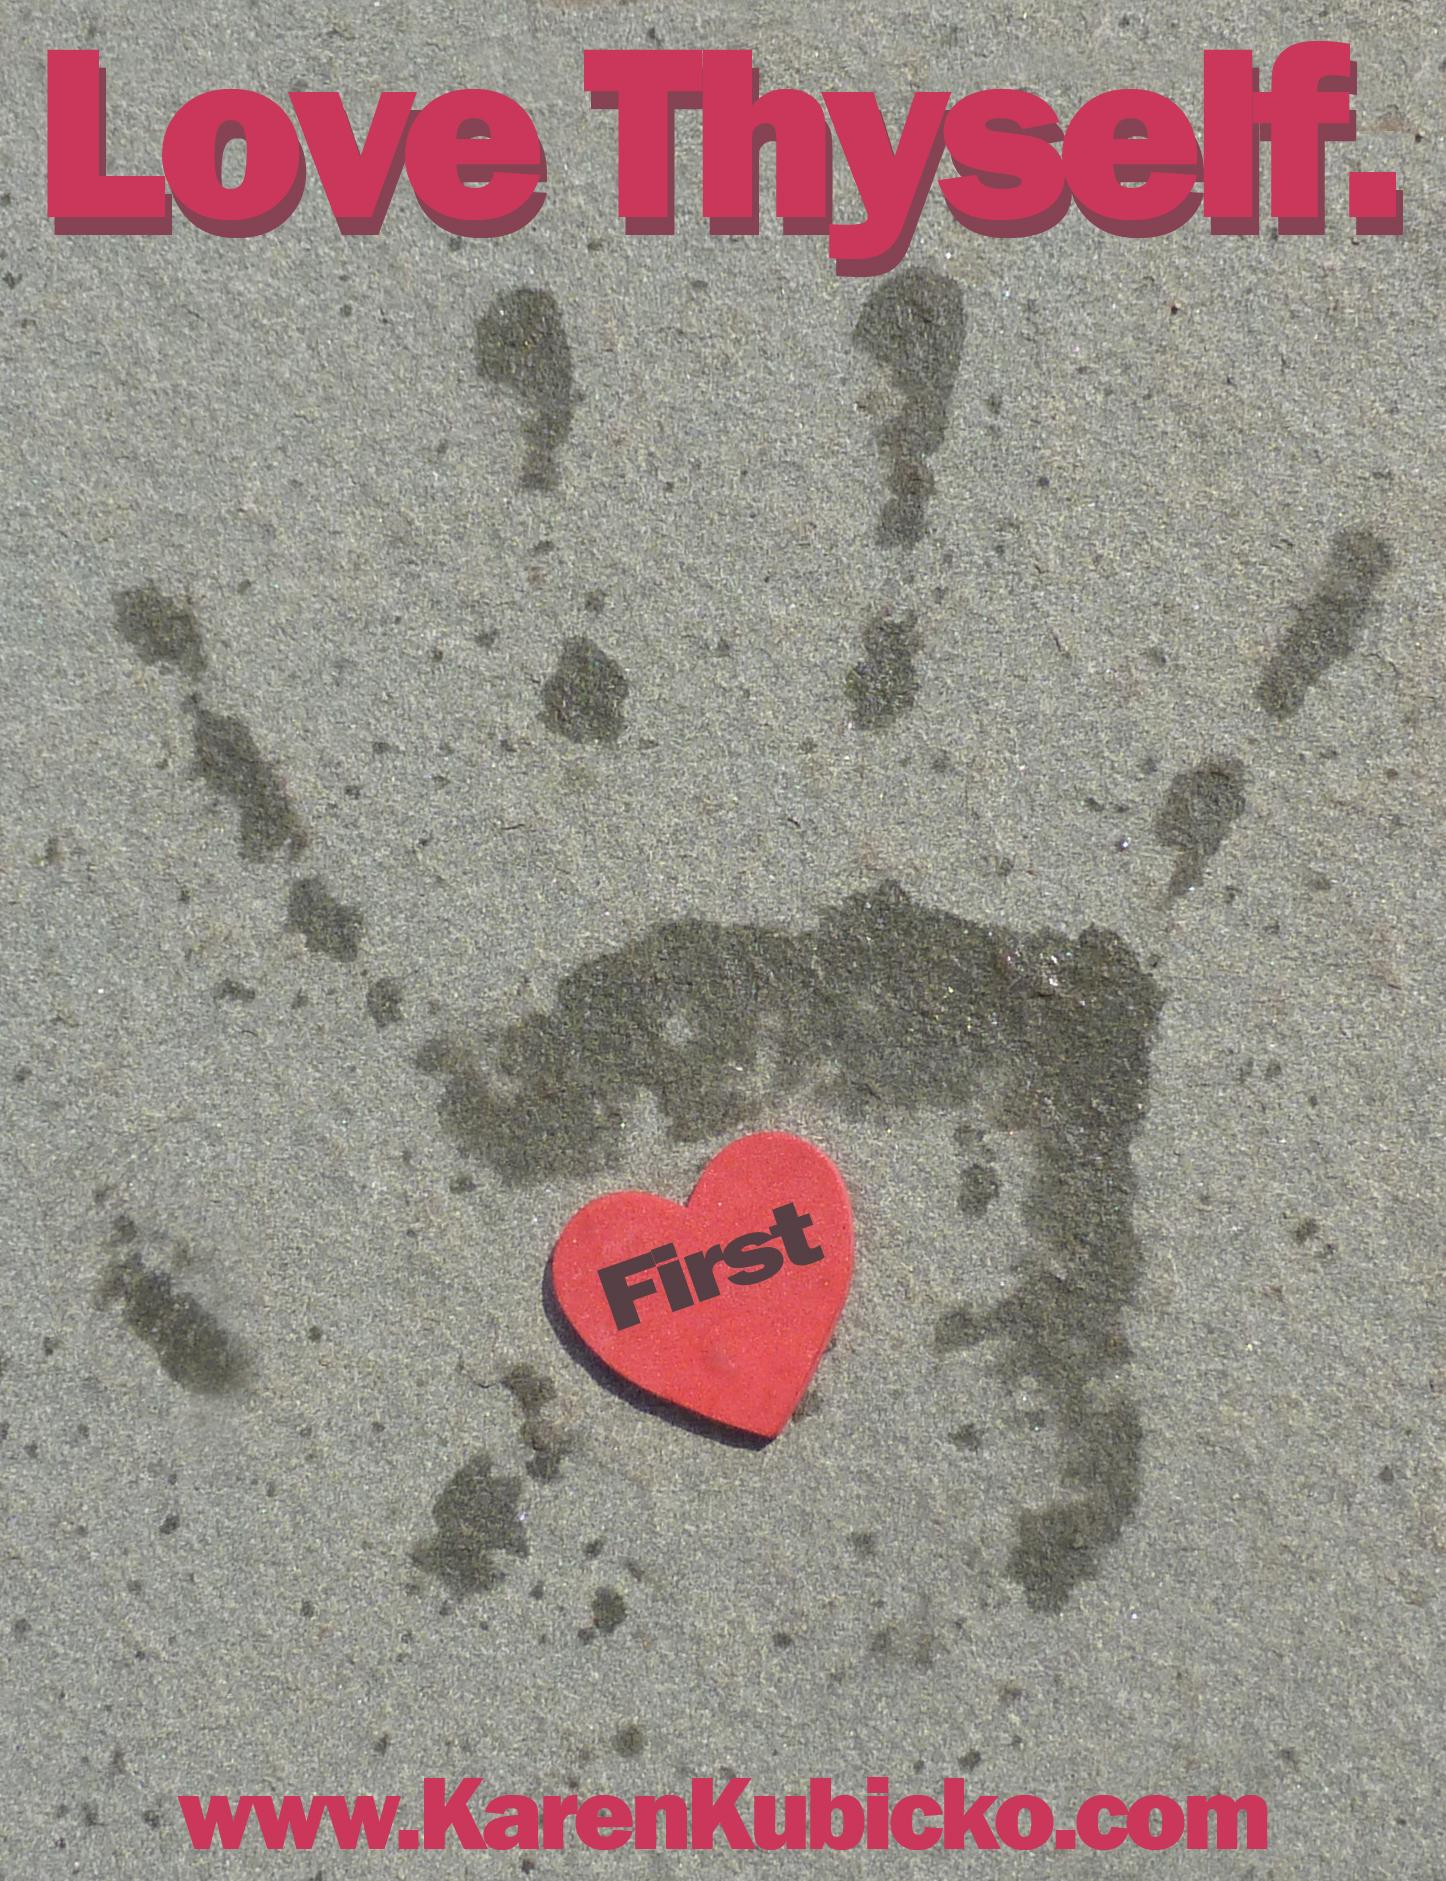 Heart in Hand-LOVE Thyself